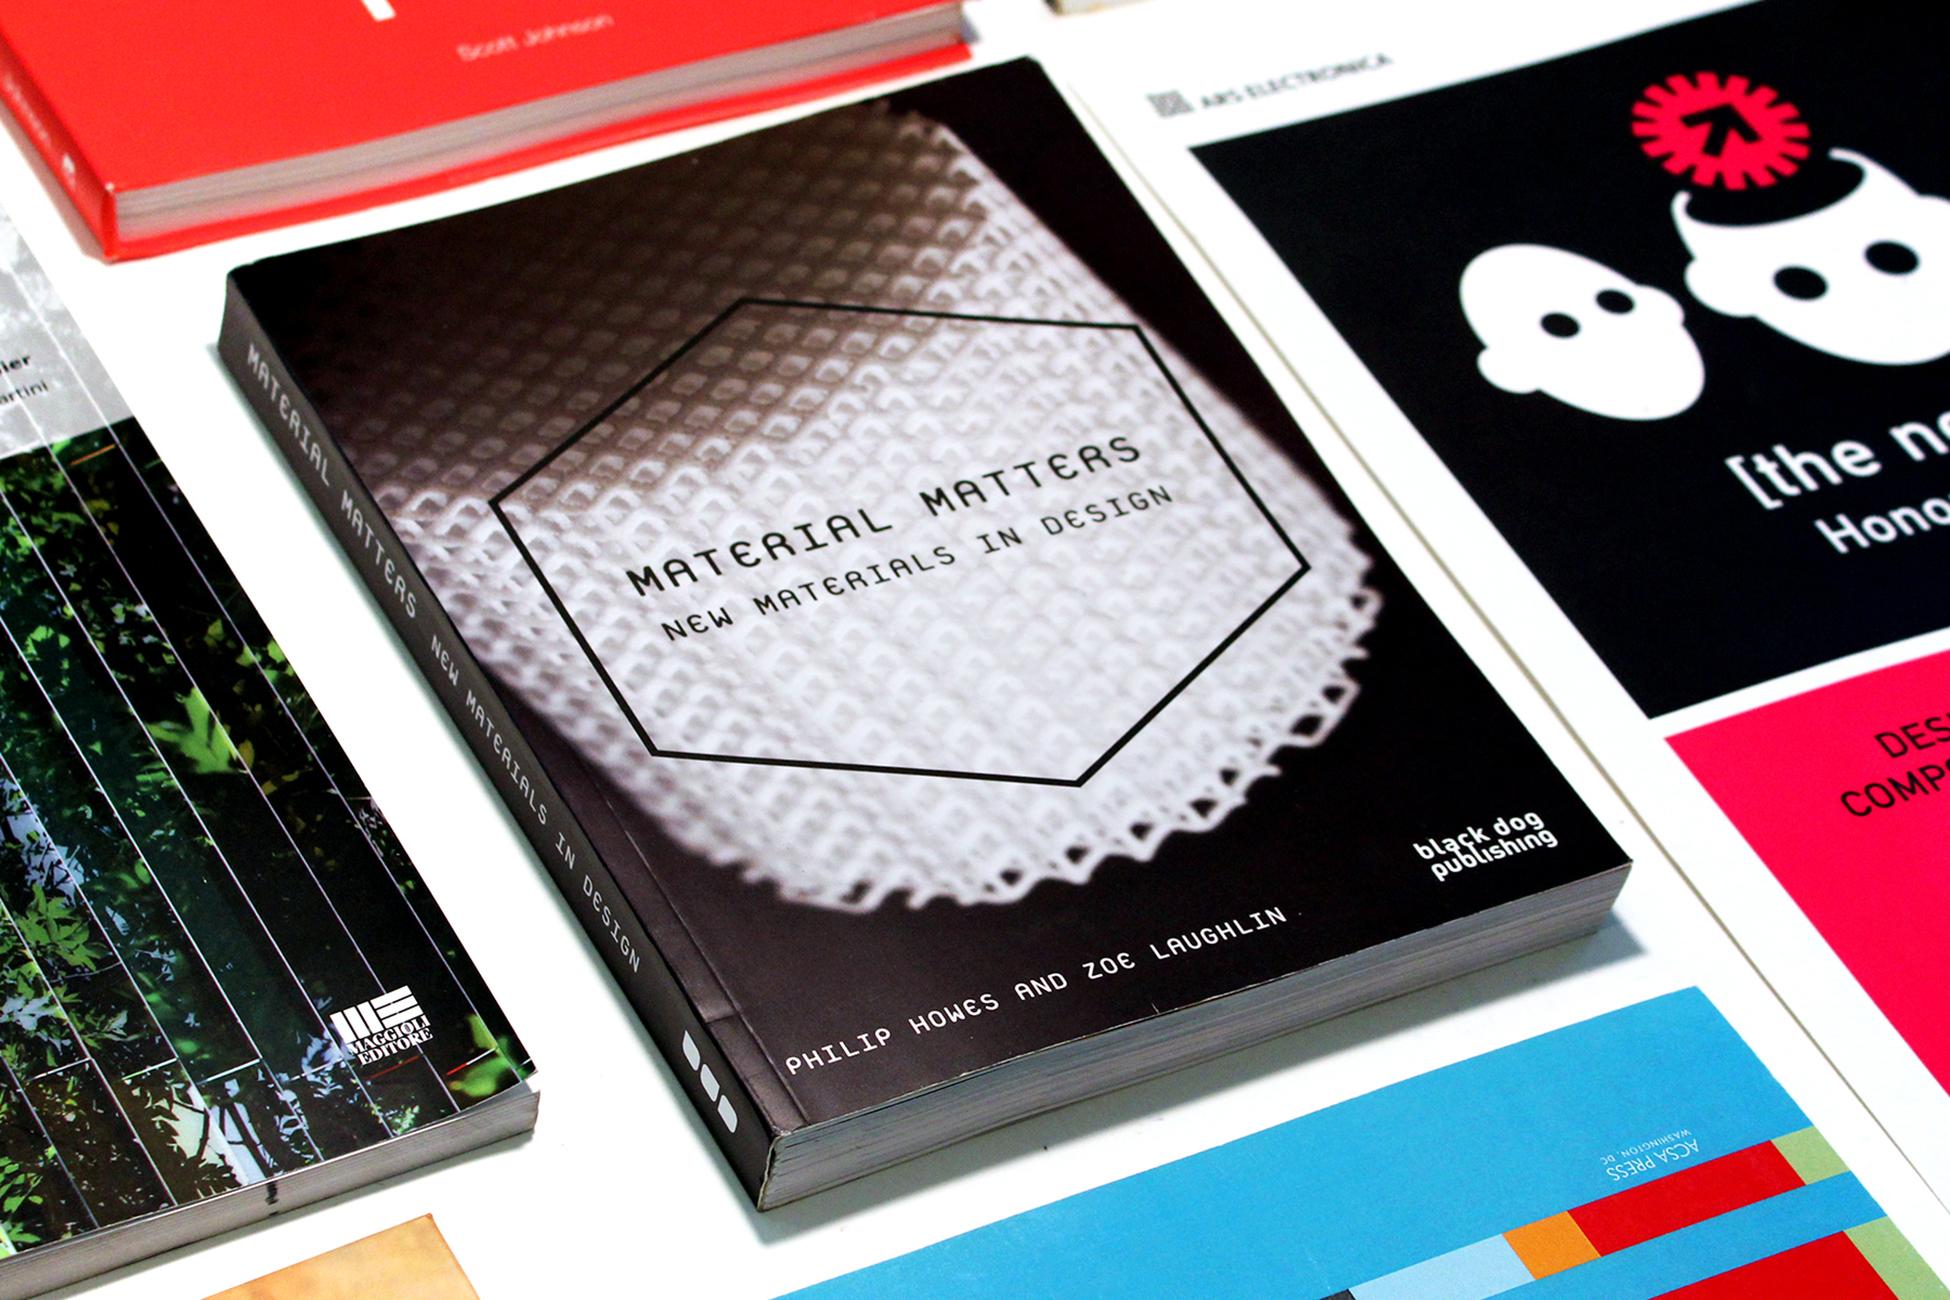 2012 Material Matters